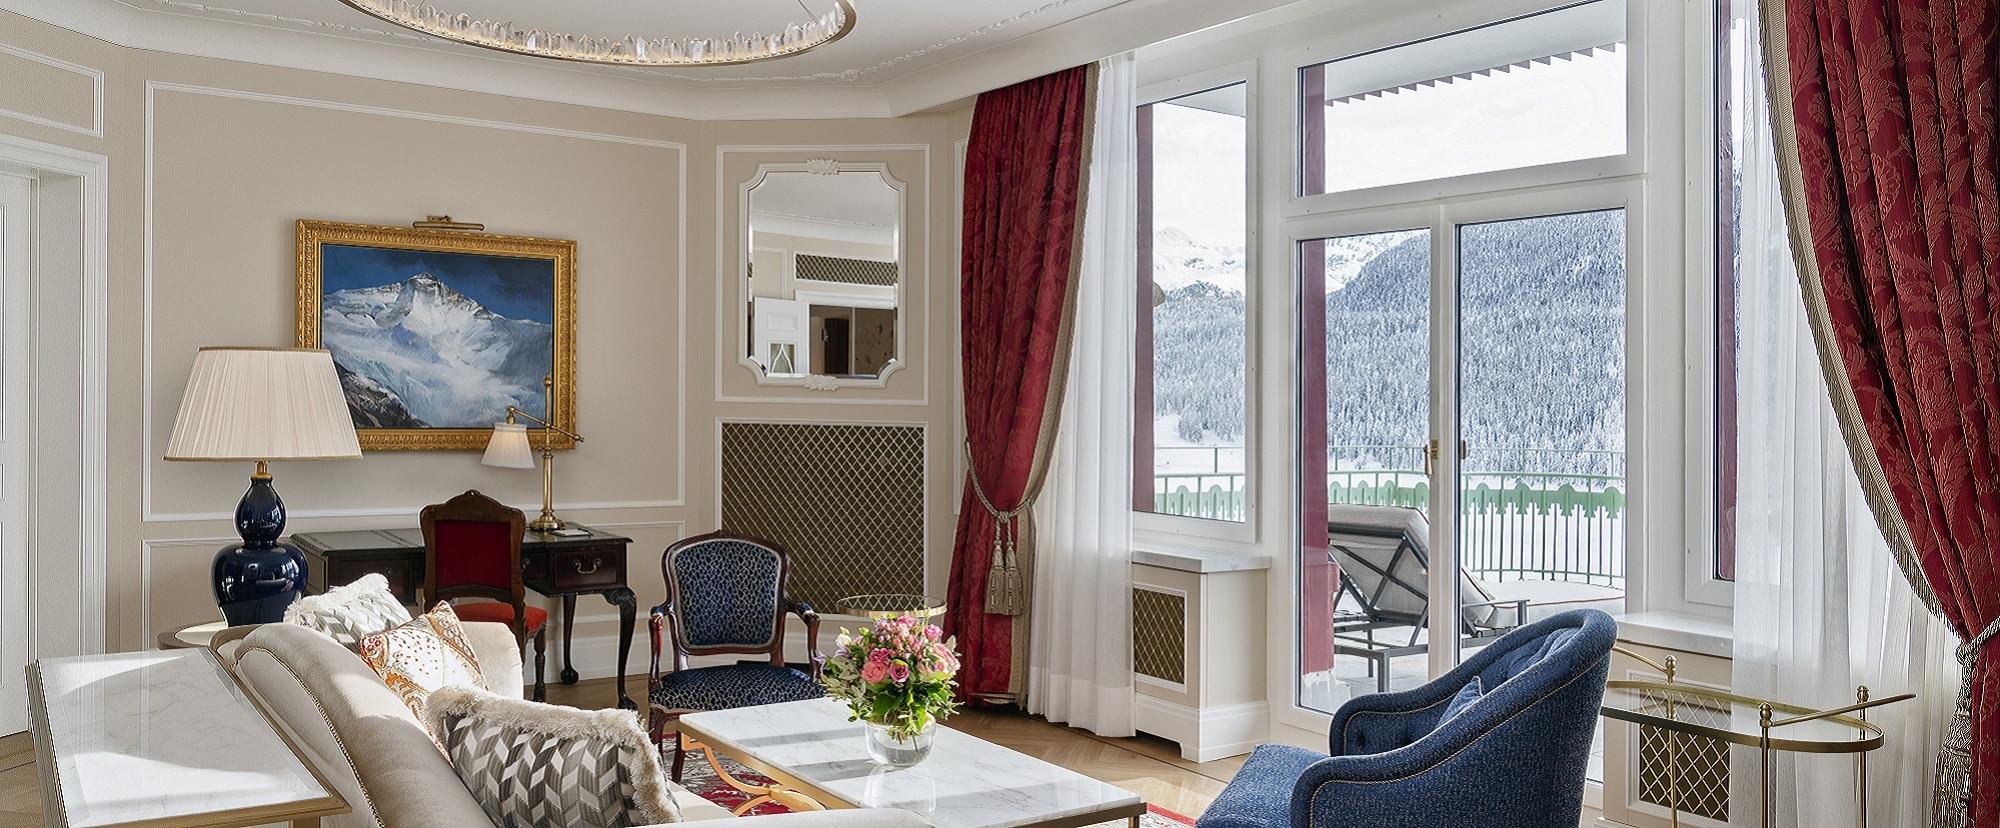 Zweibett-Suite St. Moritz